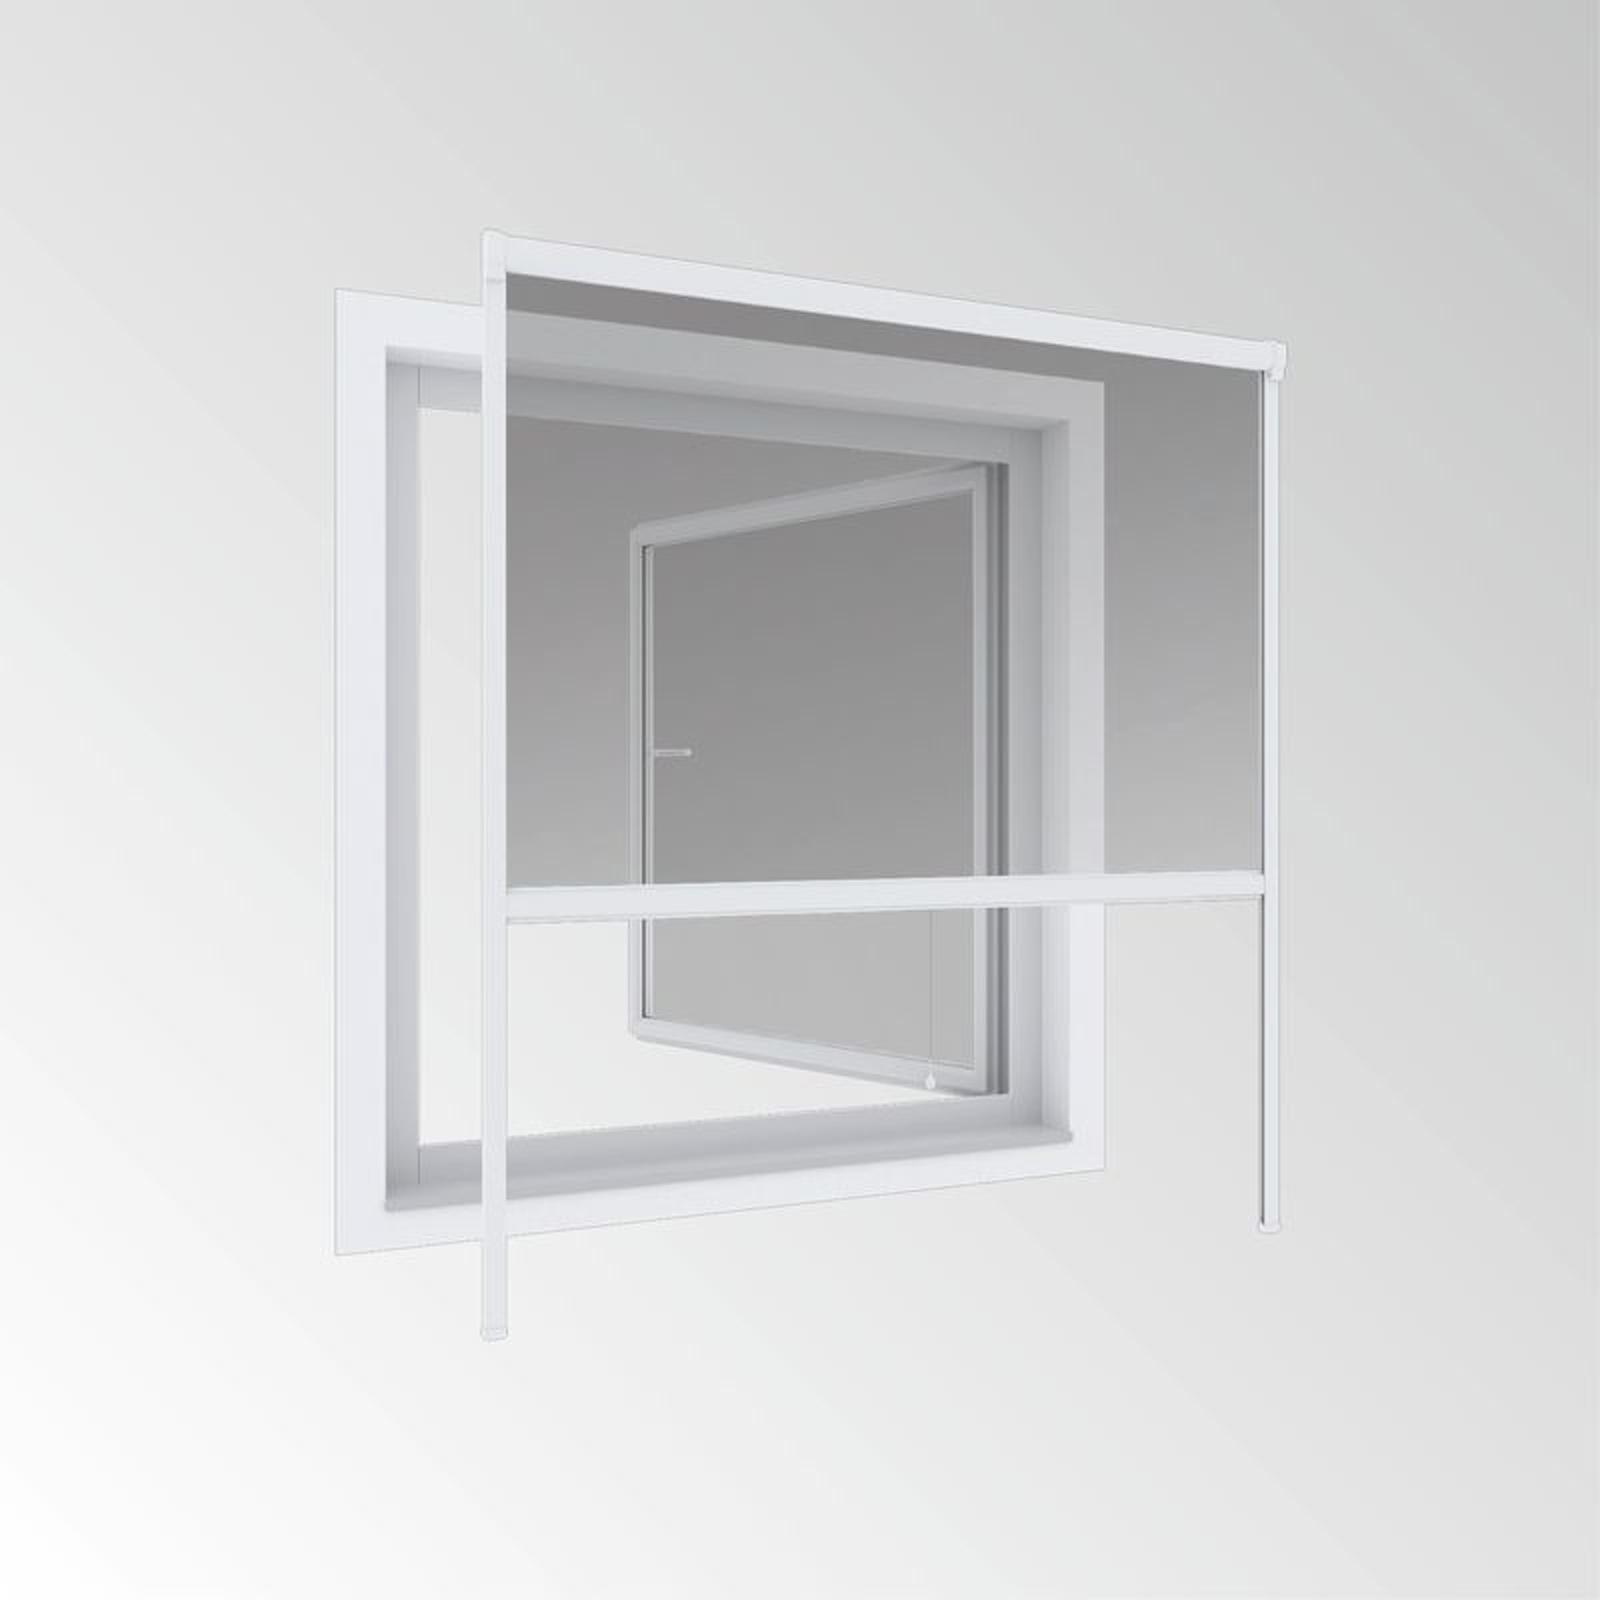 PVC Fliegengitter Insektenschutz Rollo Fenster Netz 130x160cm Weiß